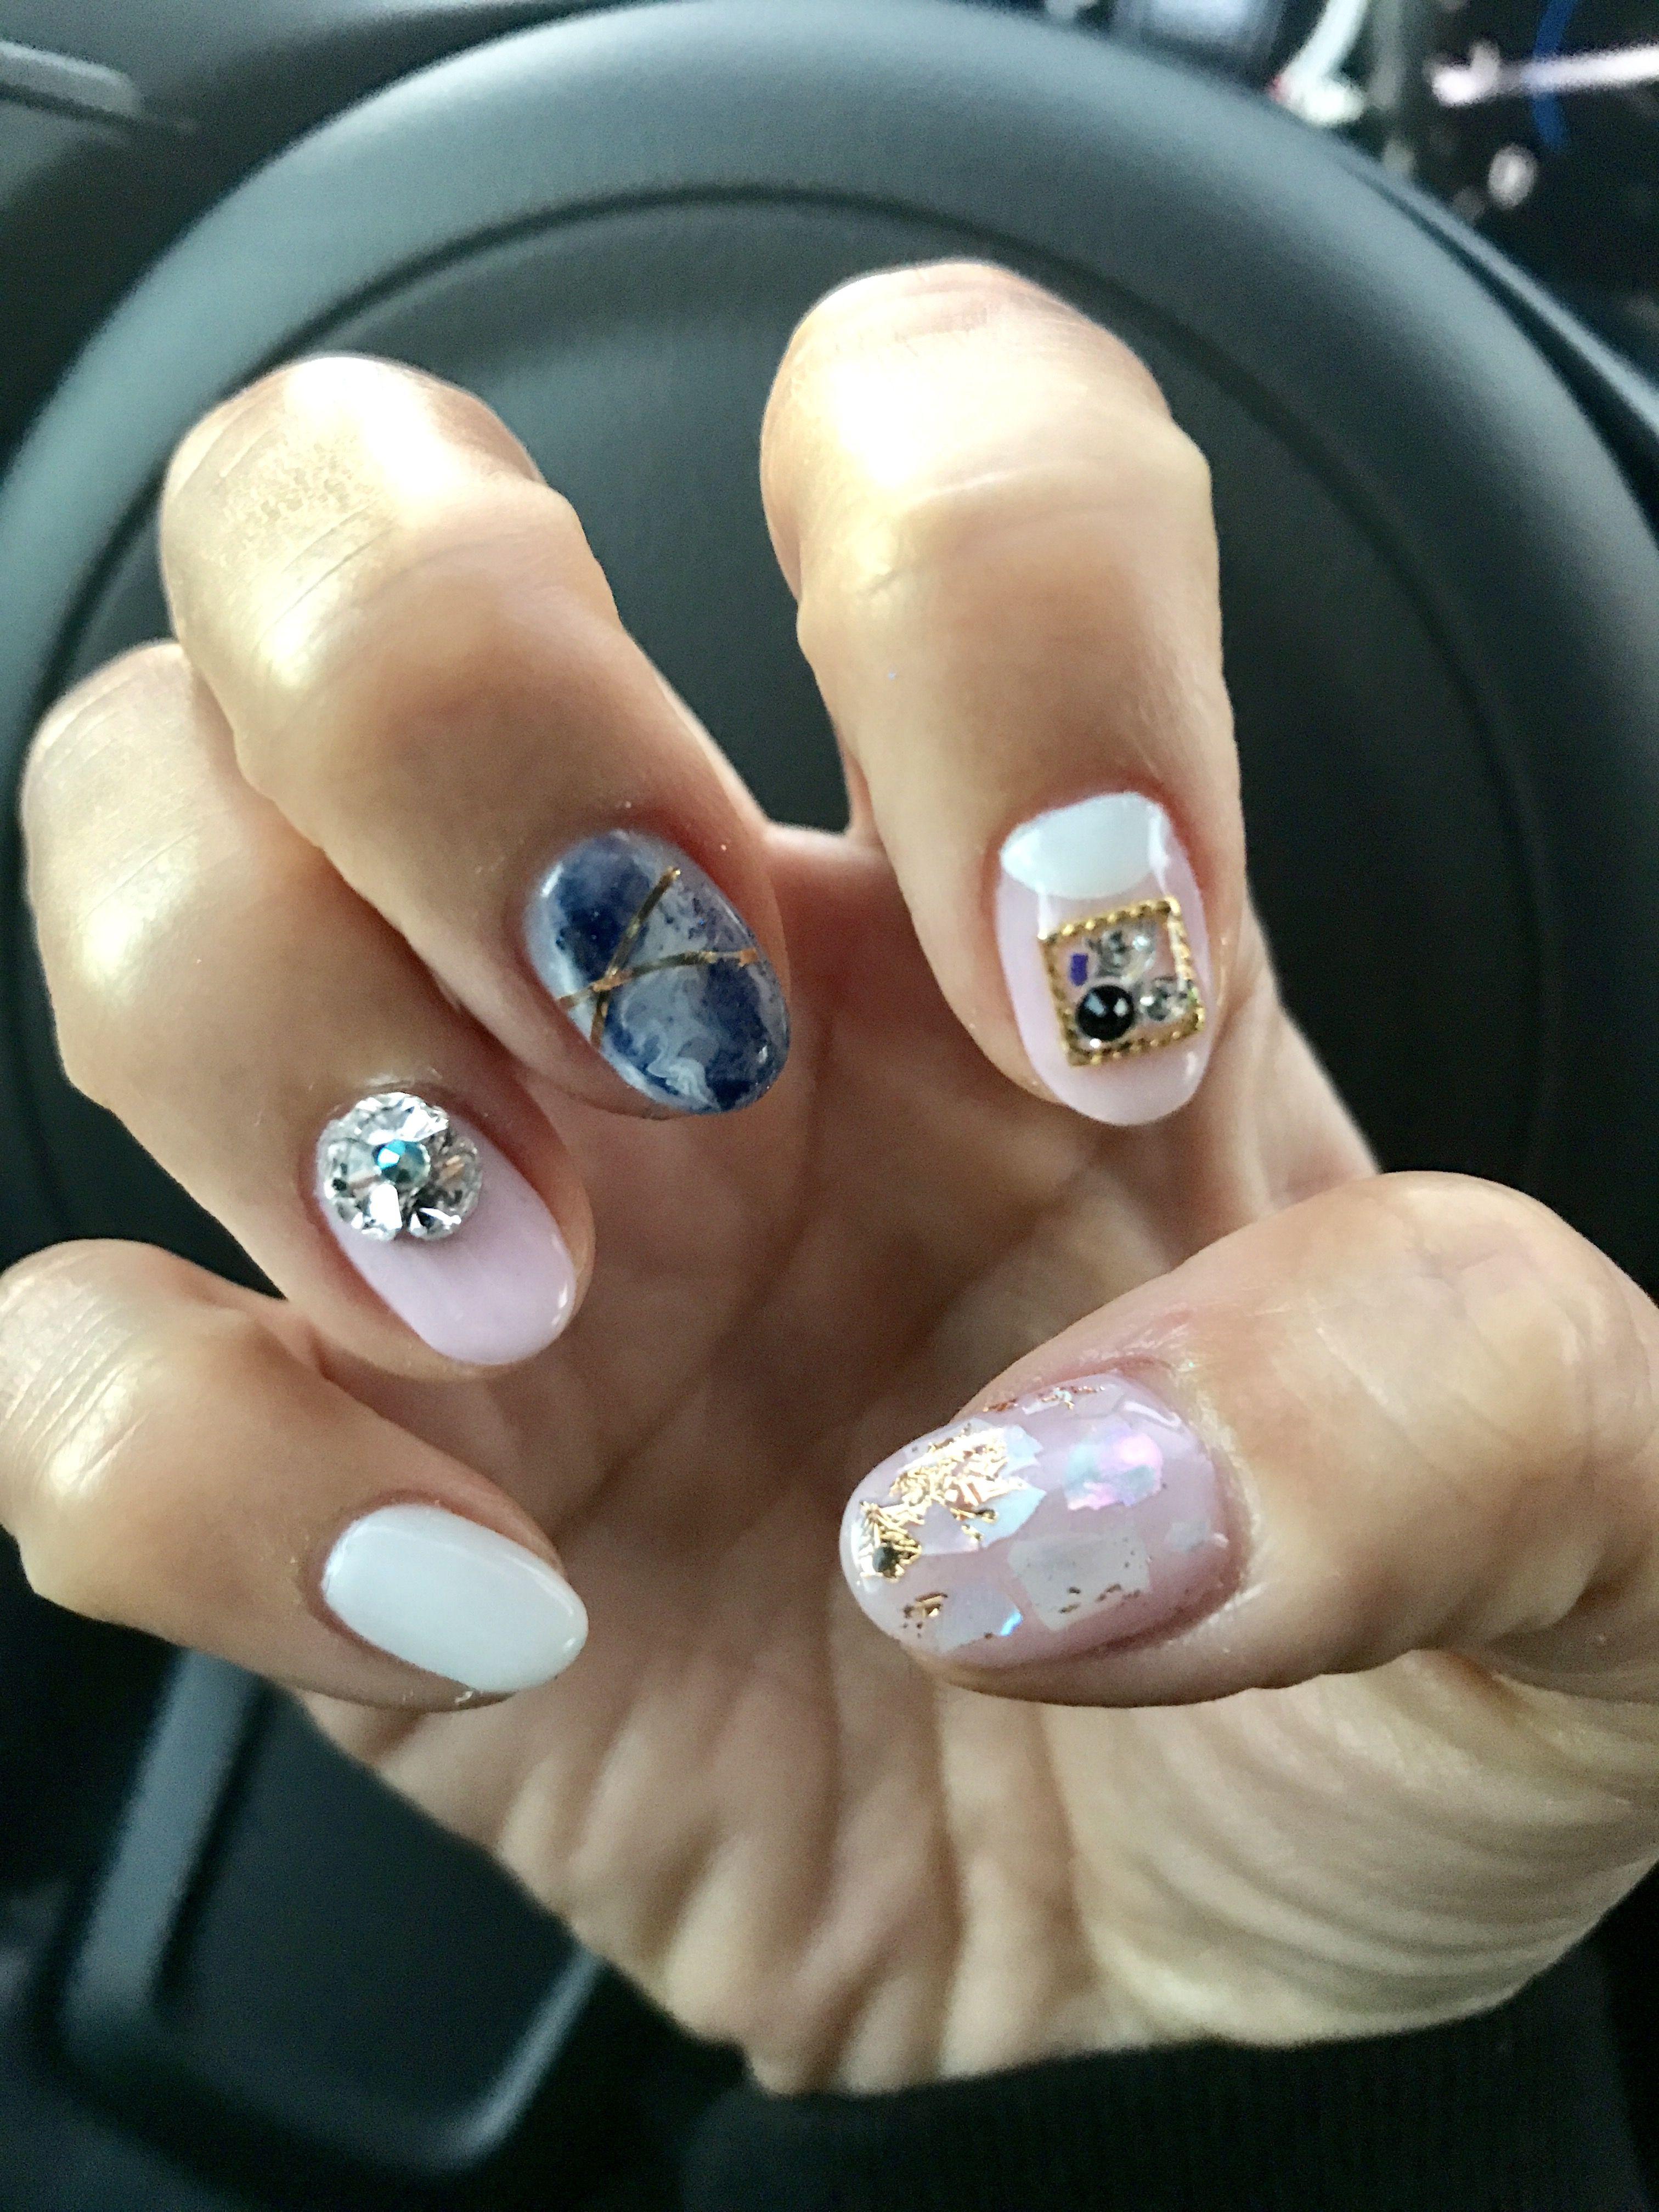 Korean gel nail design - pink, white, blue marble, glitter, hologram ...